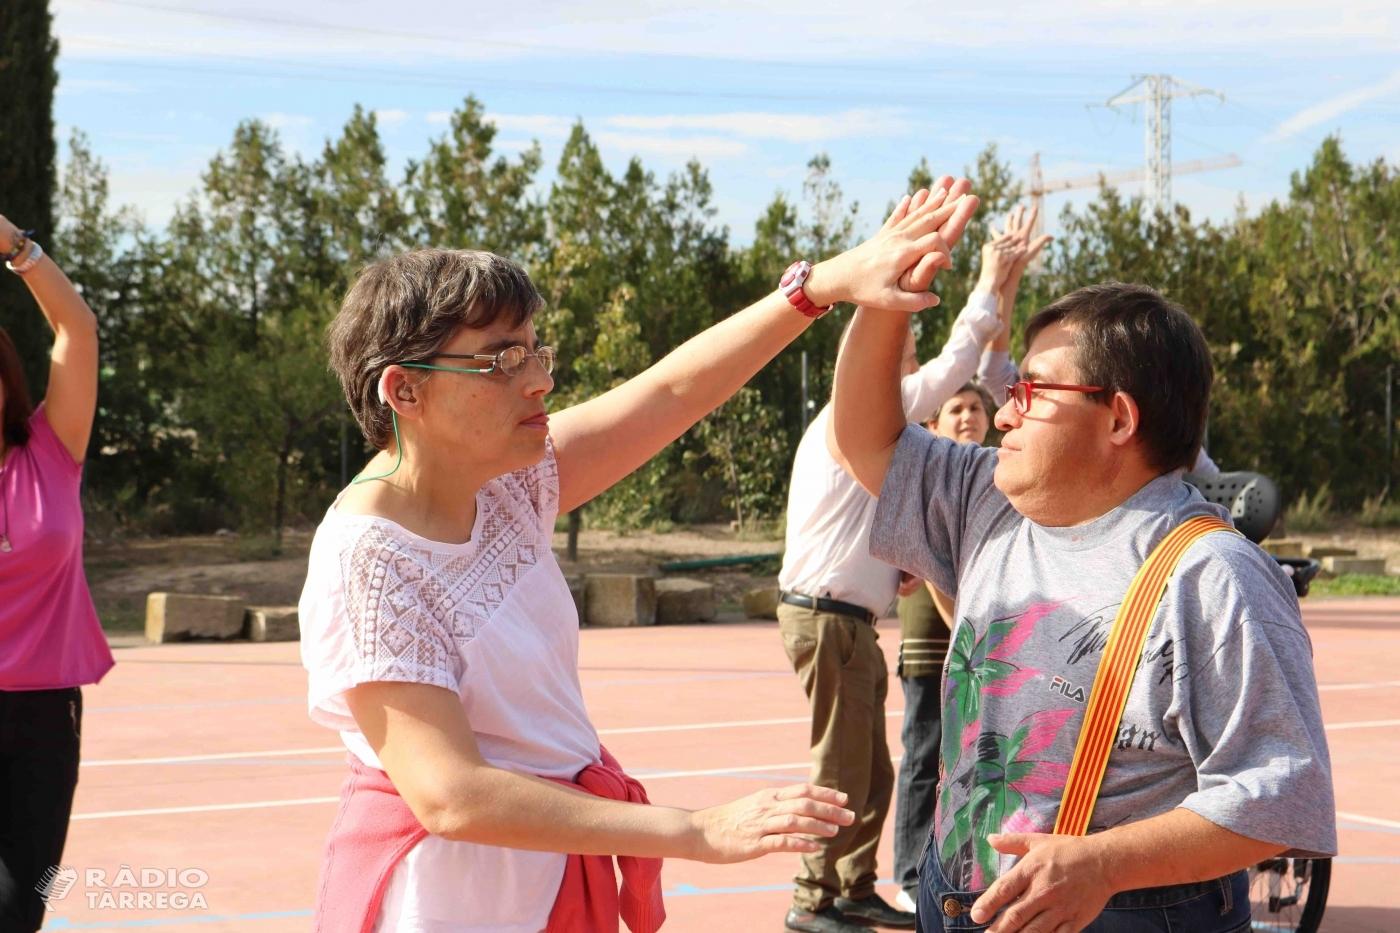 El Grup Alba participa al projecte europeu Unidans, amb l'objectiu de promoure la dansa inclusiva i l'esport adaptat